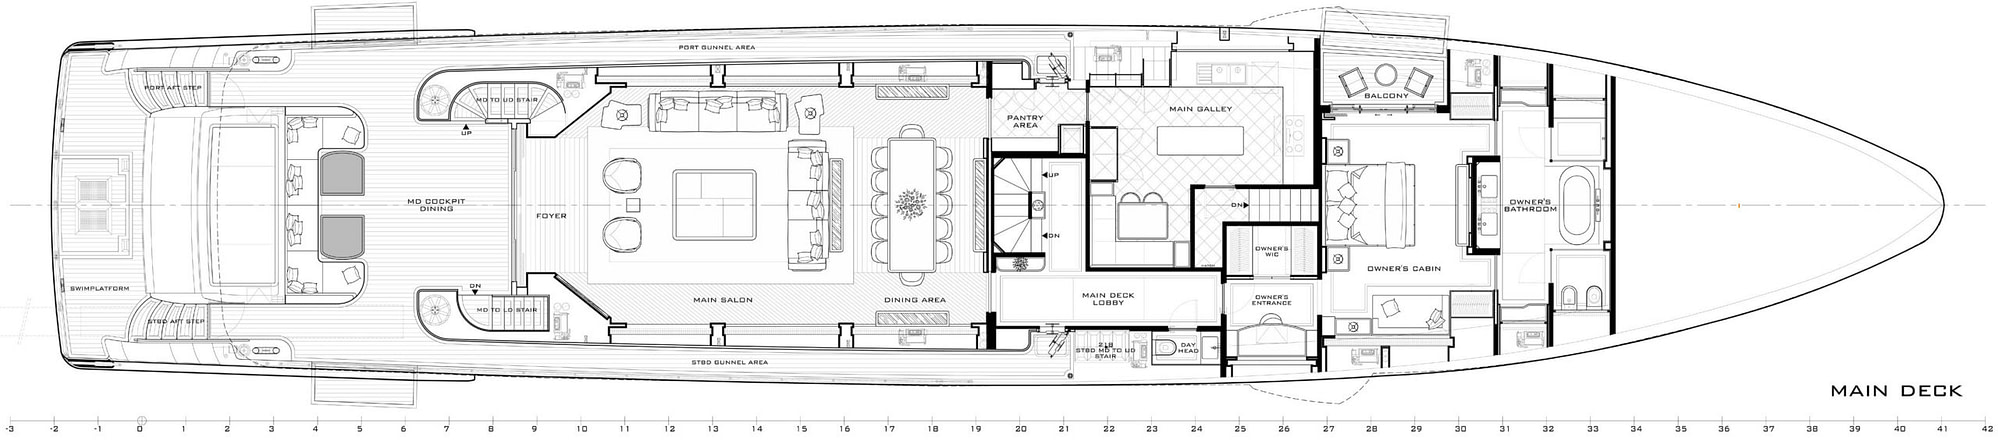 gulf craft majesty 140 layout main deck